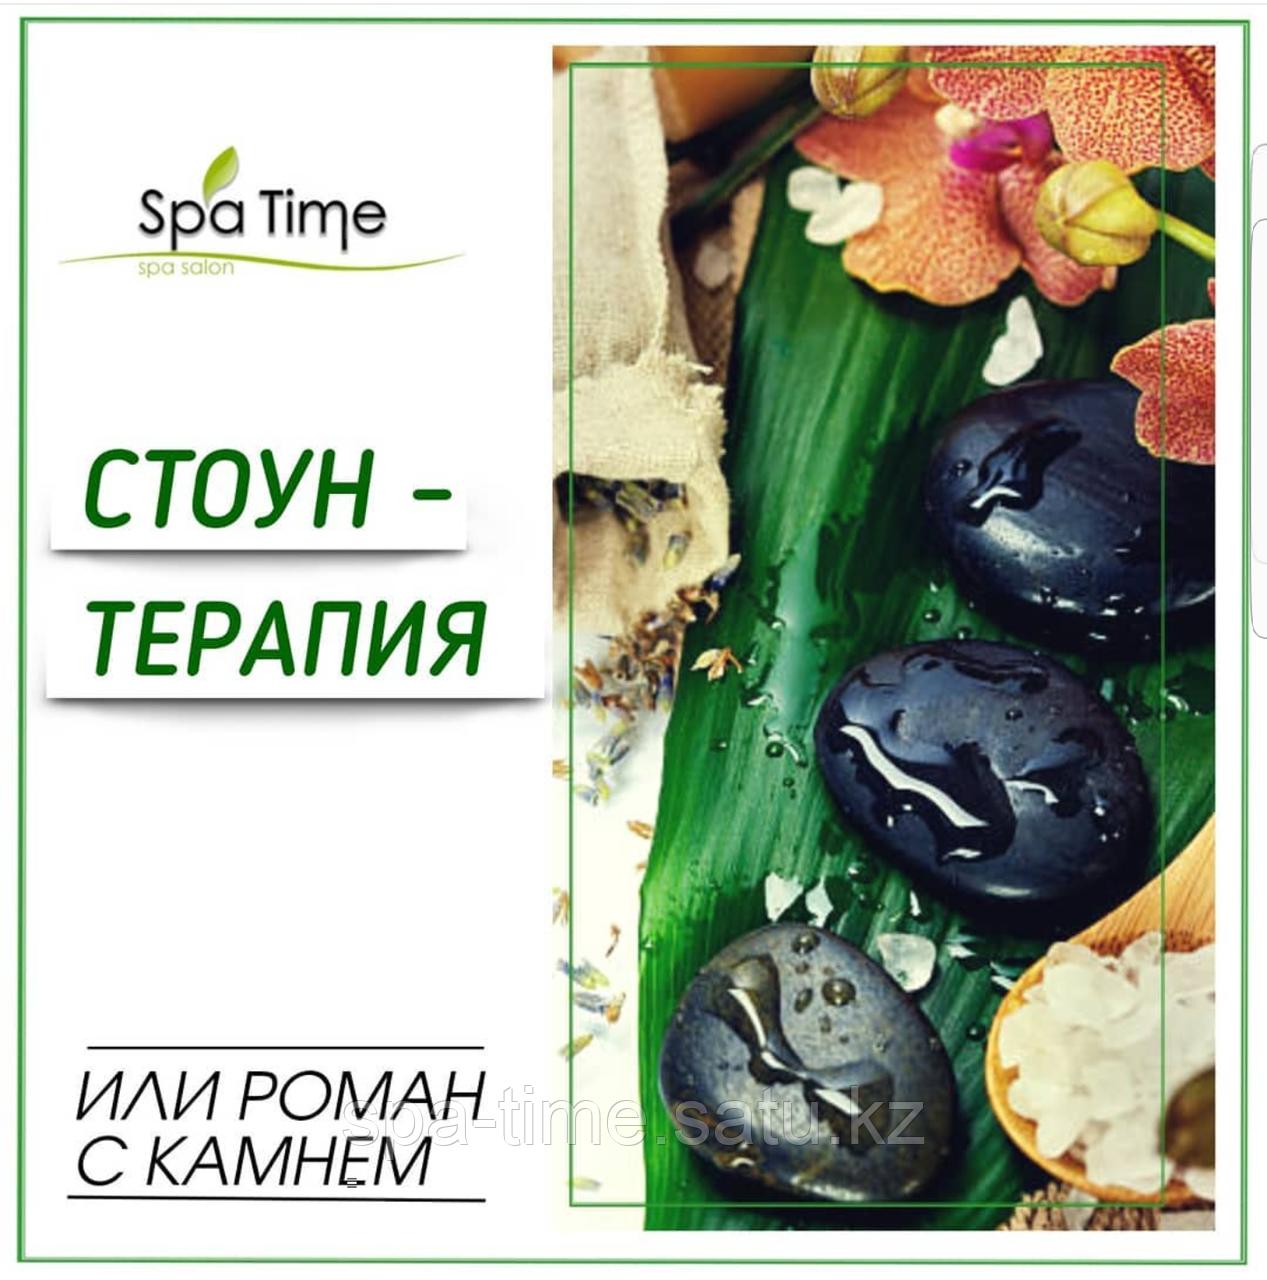 СТОУН - ТЕРАПИЯ